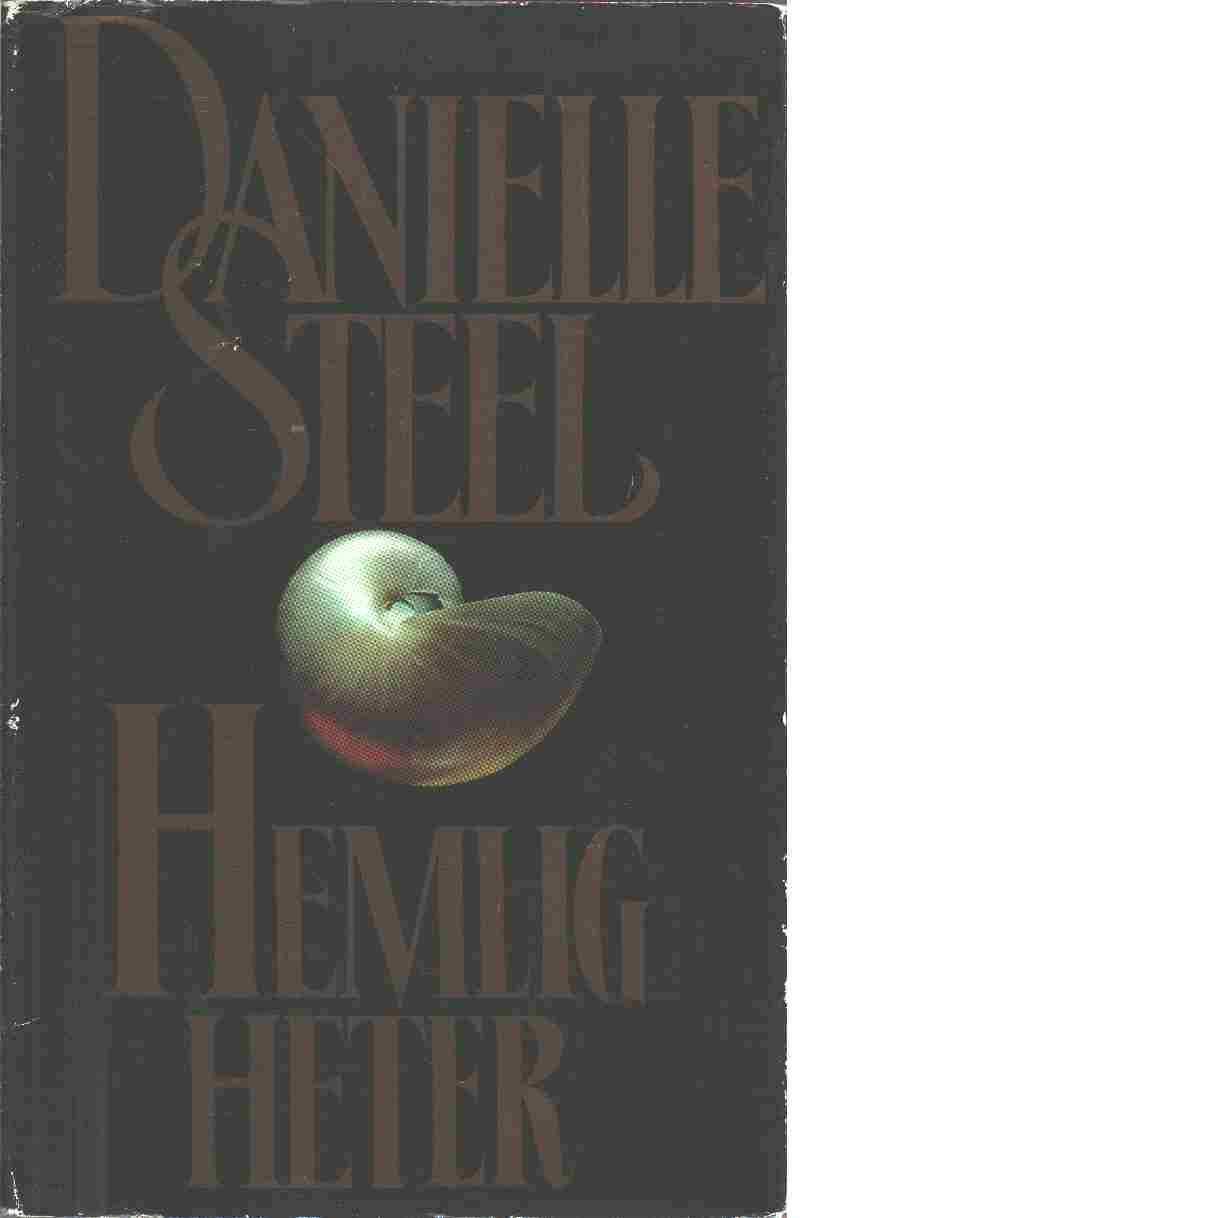 Hemligheter - Steel, Danielle